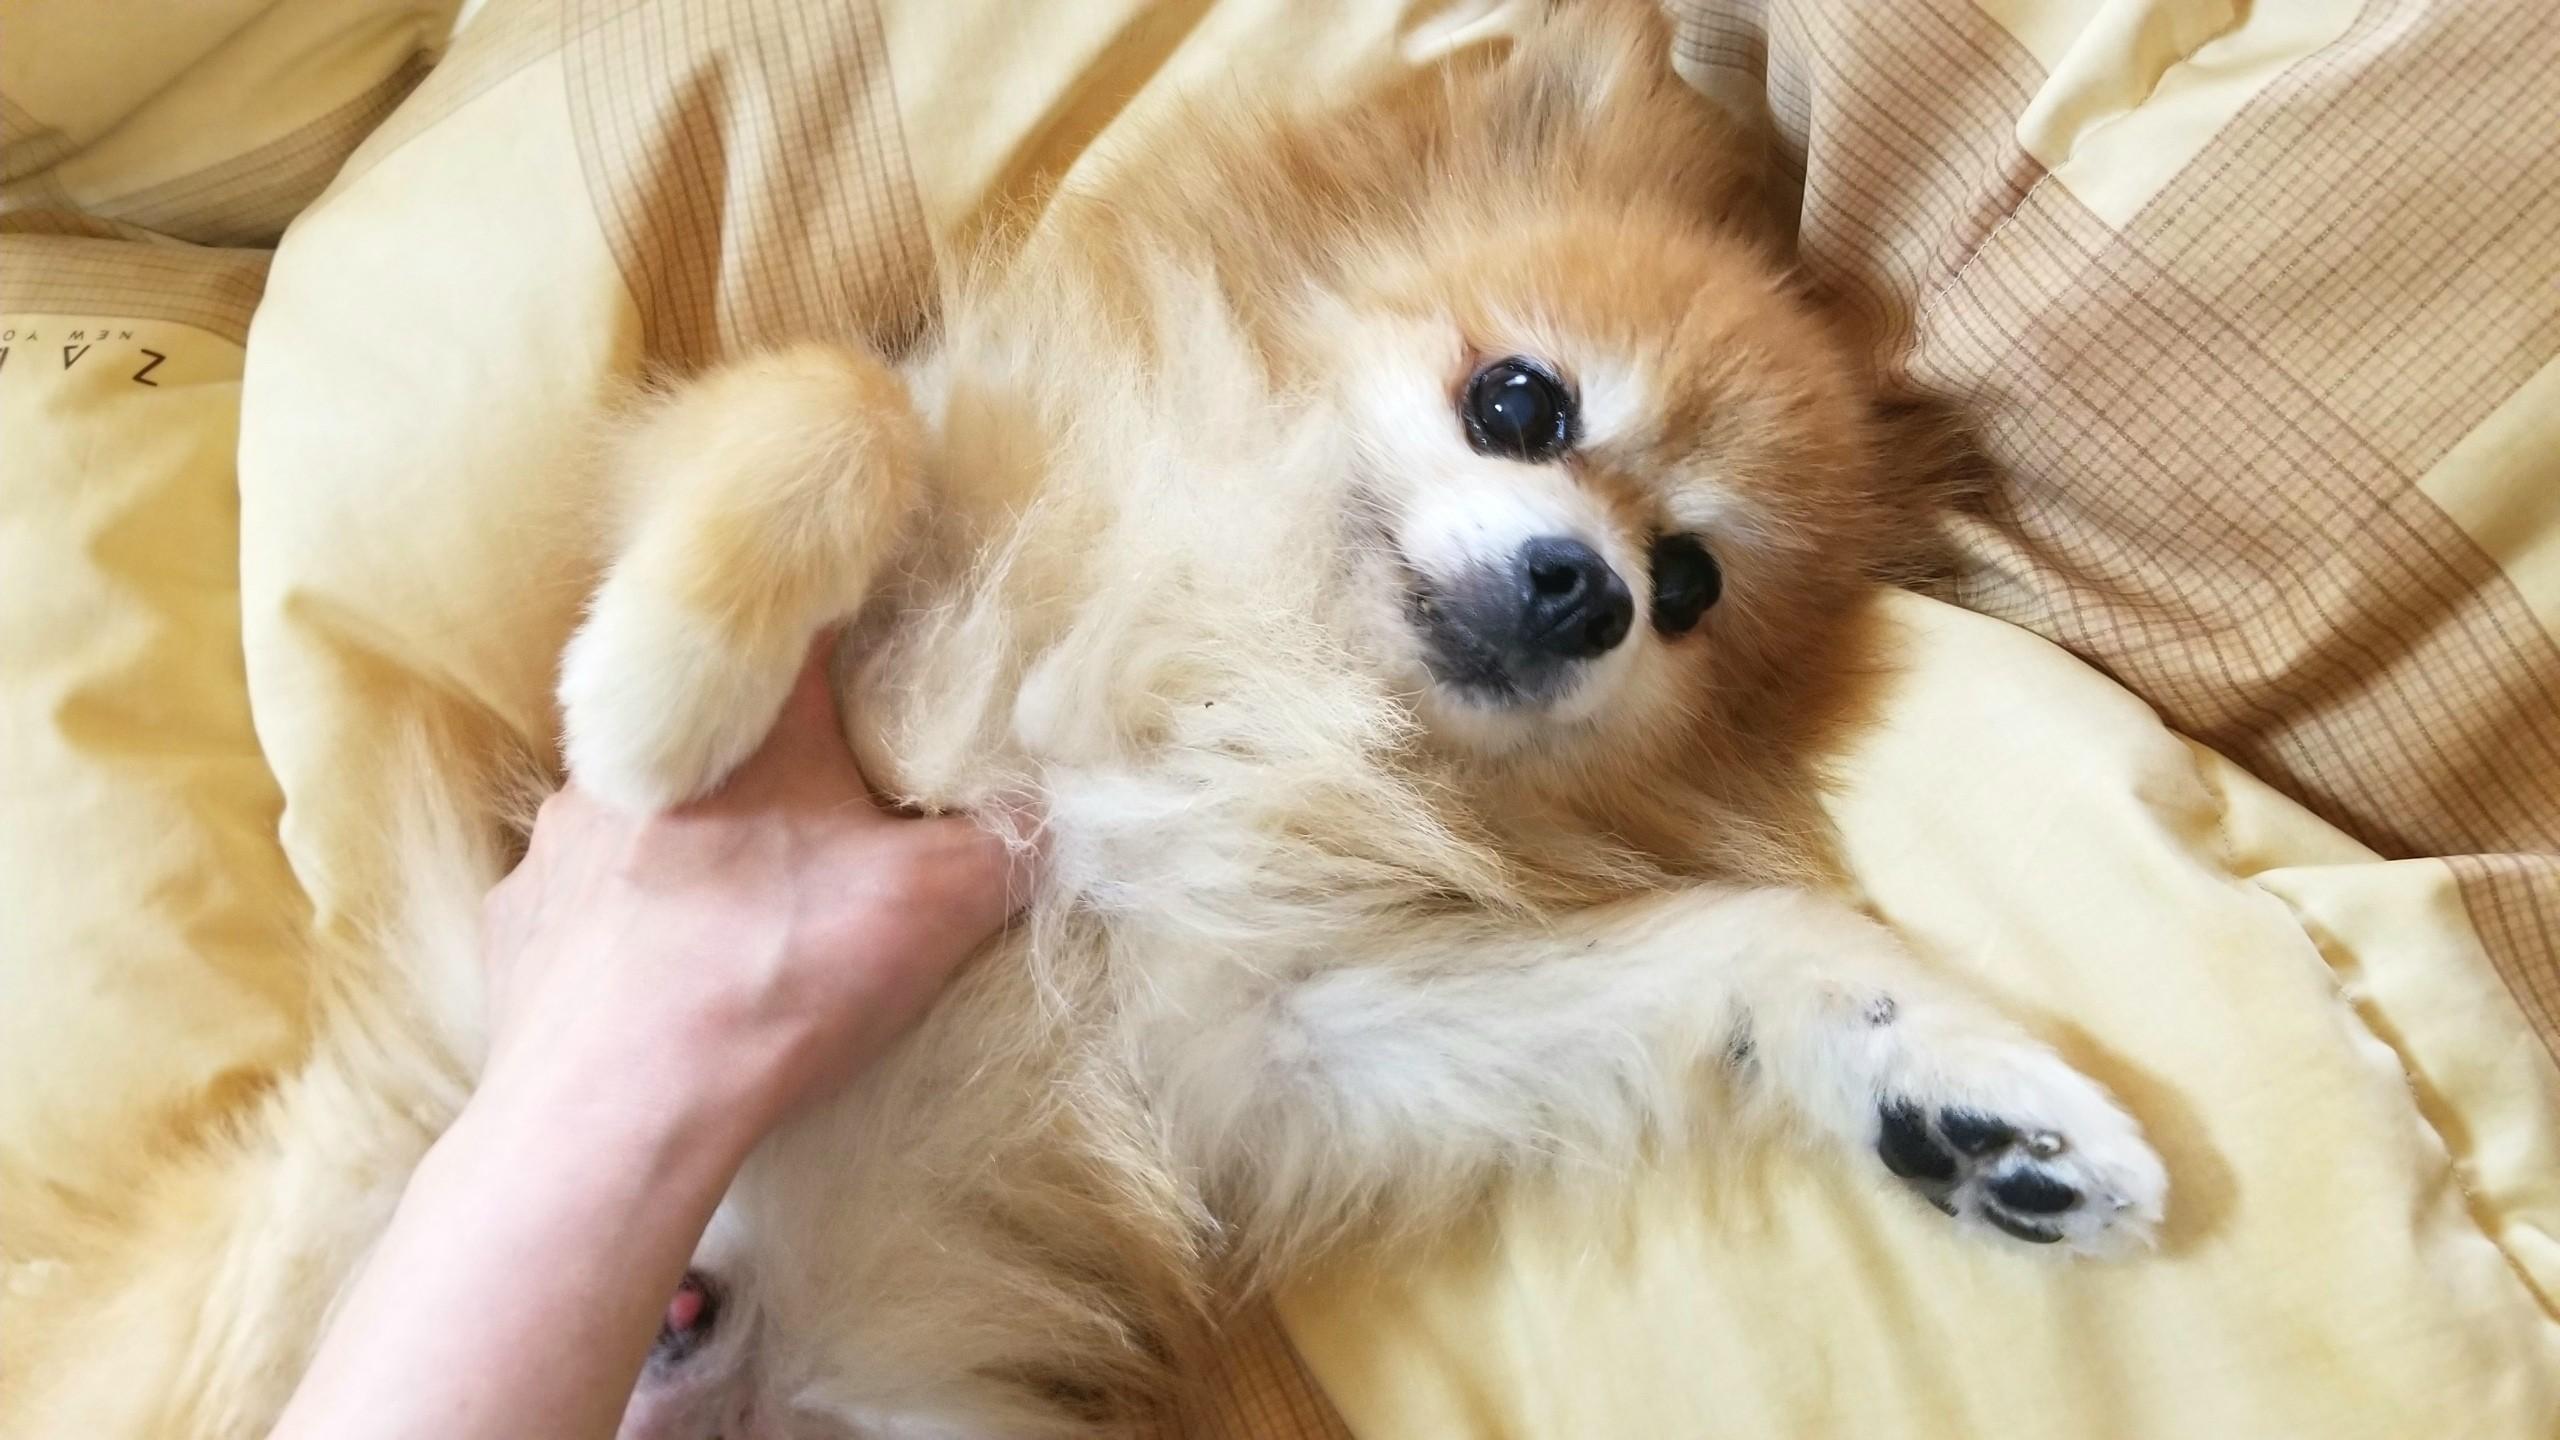 ポメラニアン,可愛い,らぶらぶ,癒される,イケメン,愛犬君,ペット